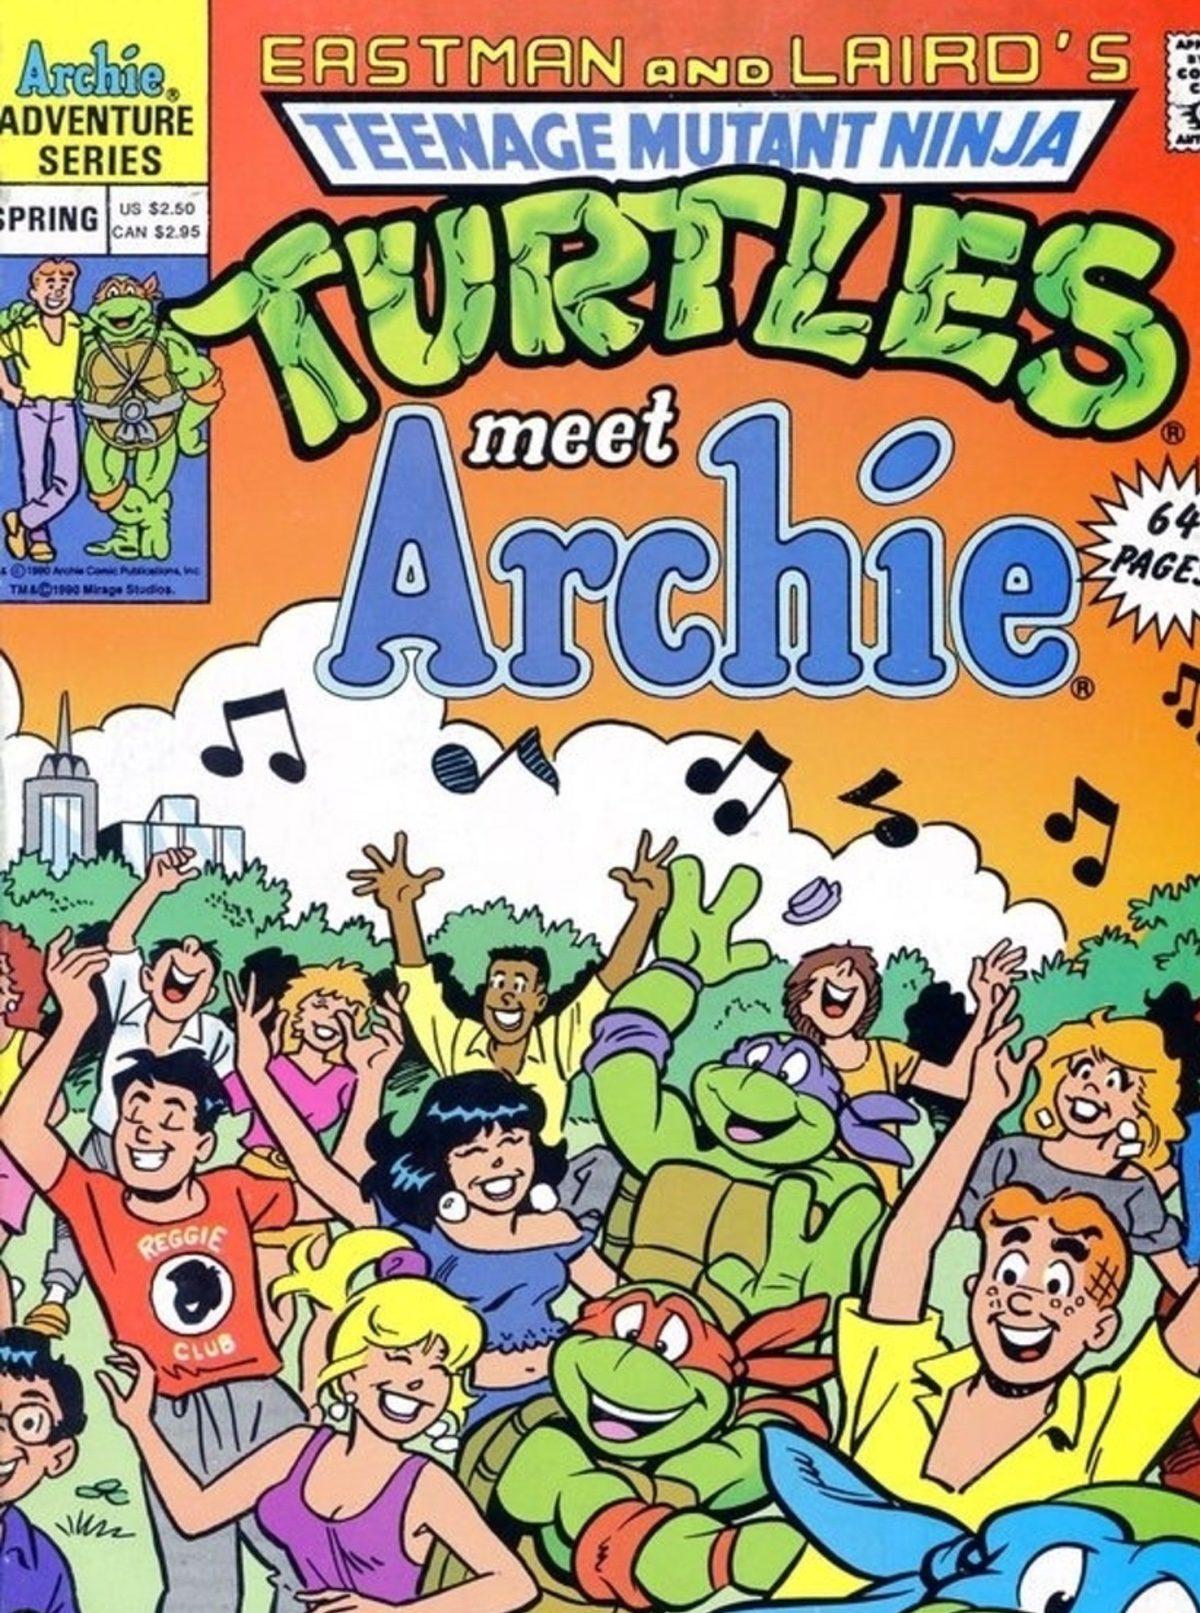 Archie salva el mundo con Las Tortugas Ninja